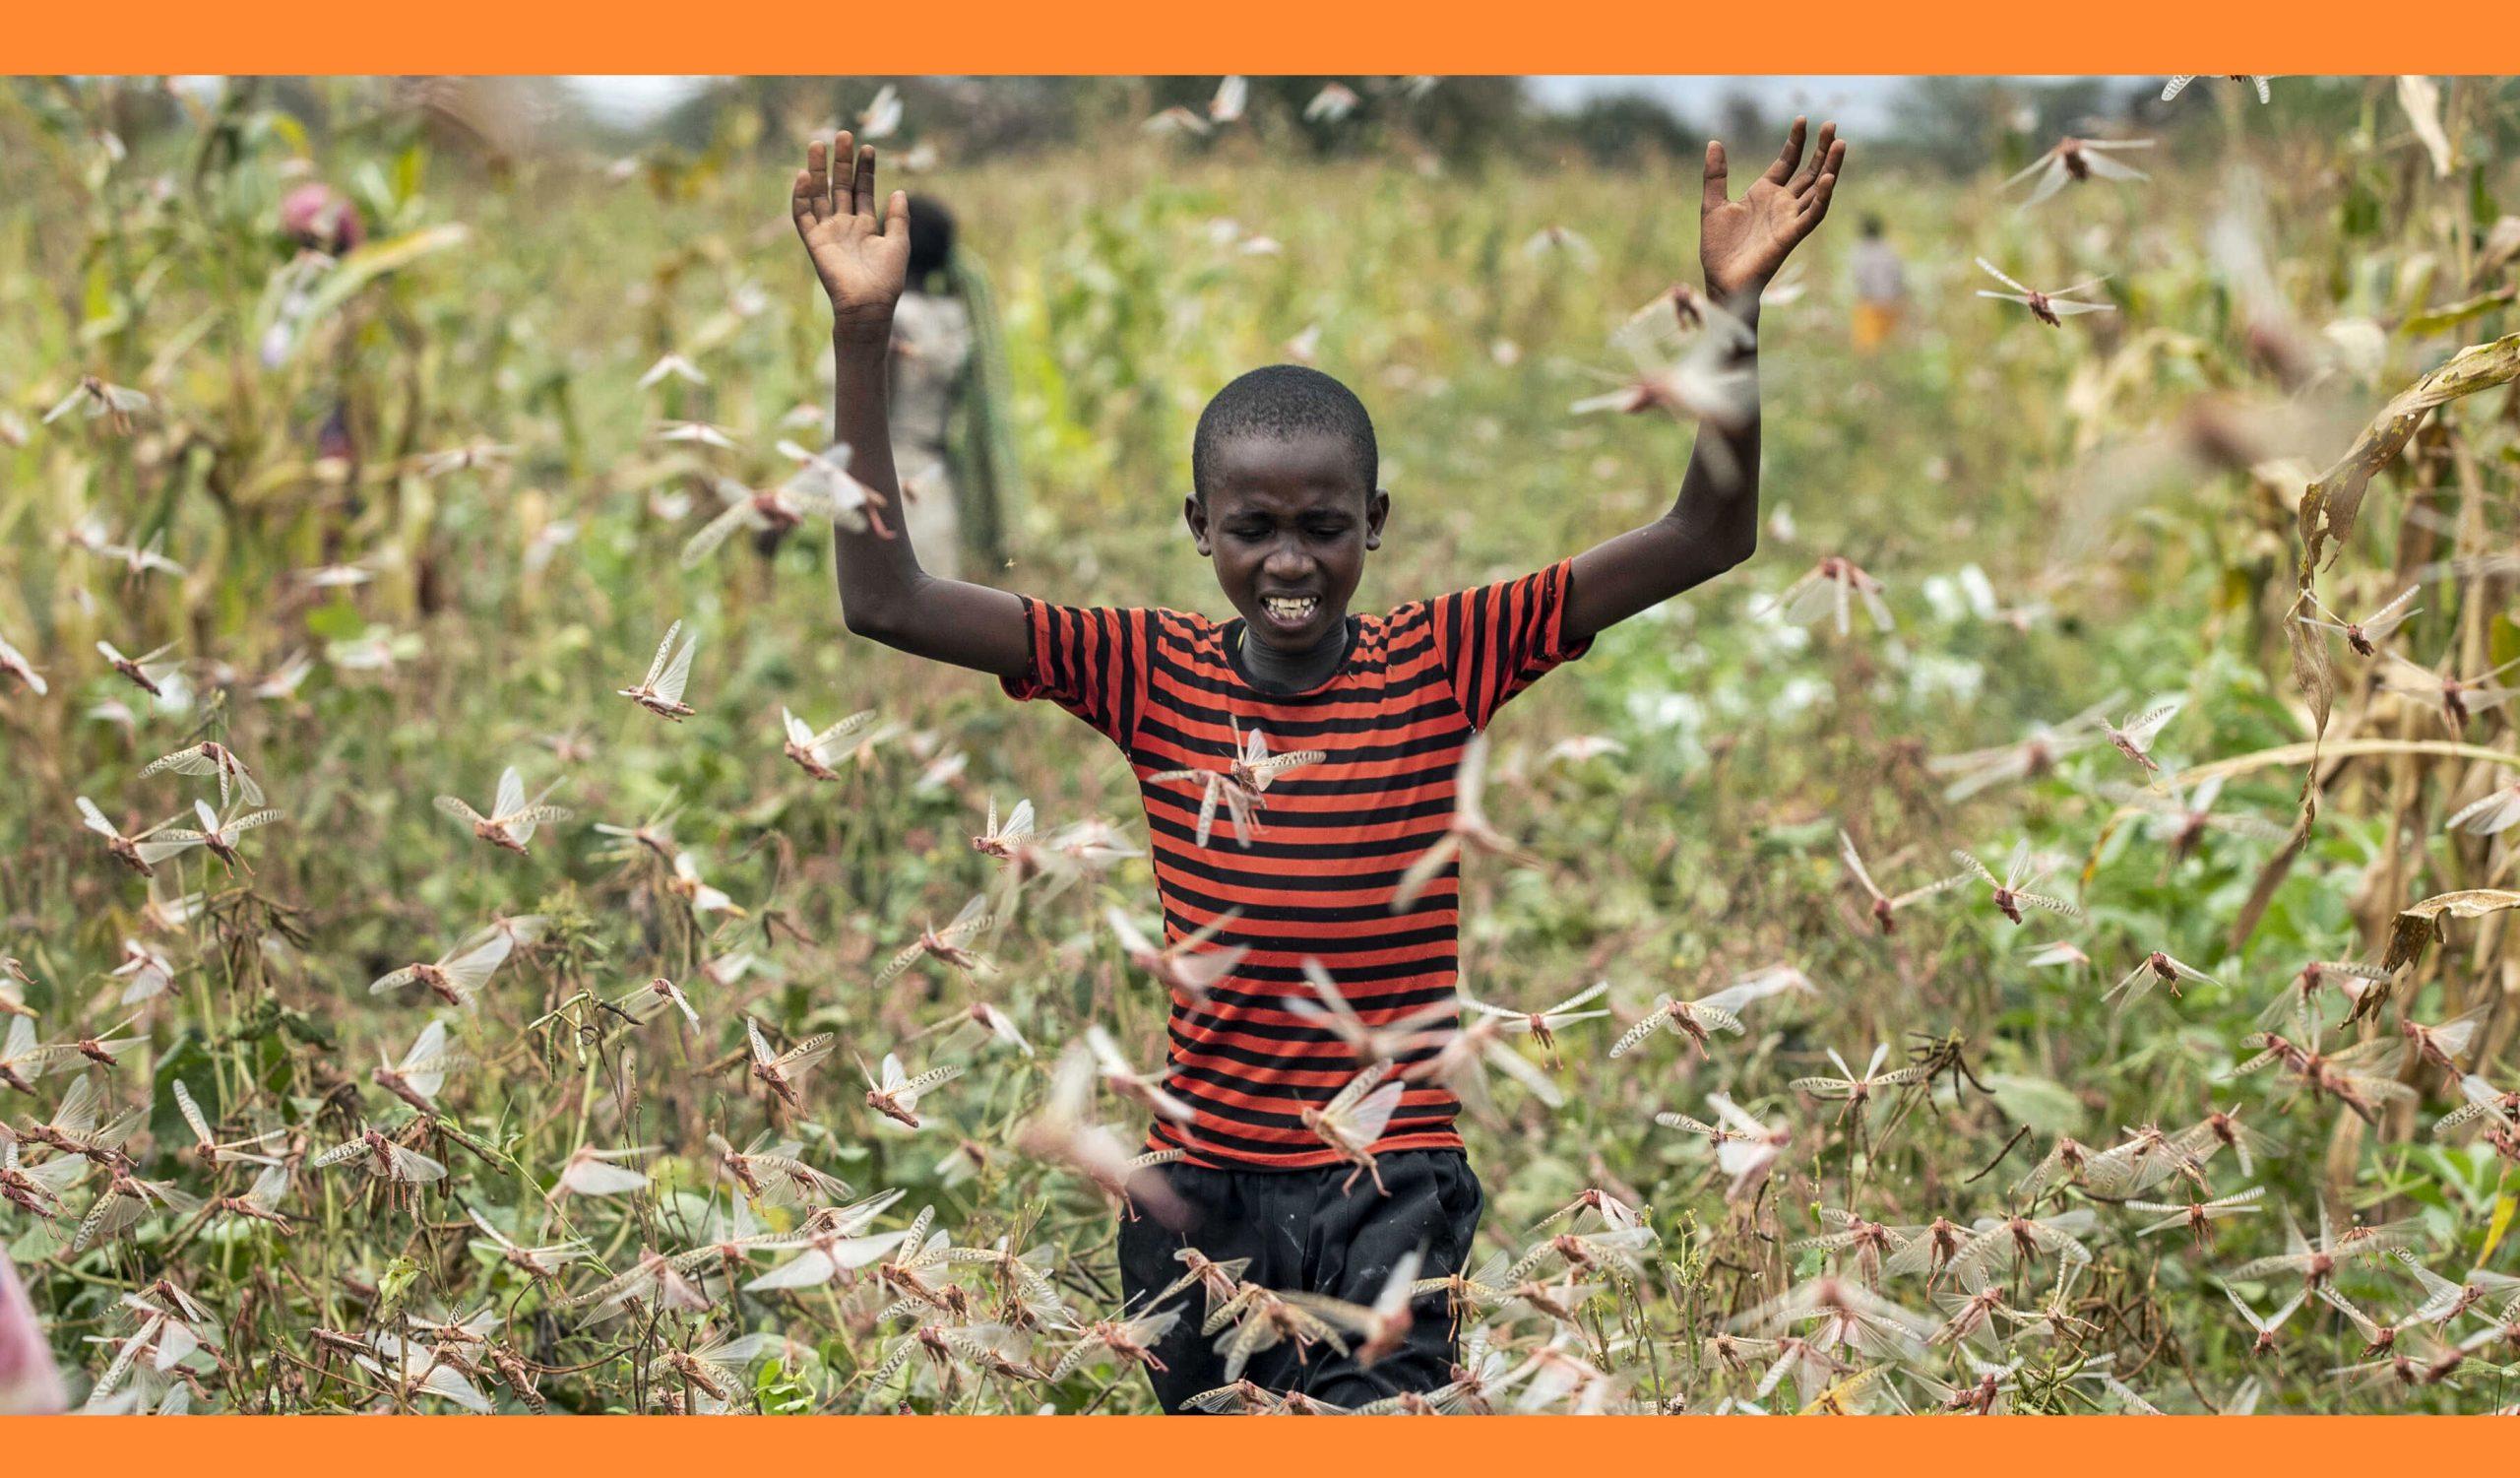 🇰🇪 পঙ্গপালের বিরুদ্ধে অভিনব লড়াই কেনিয়ার কৃষকদের